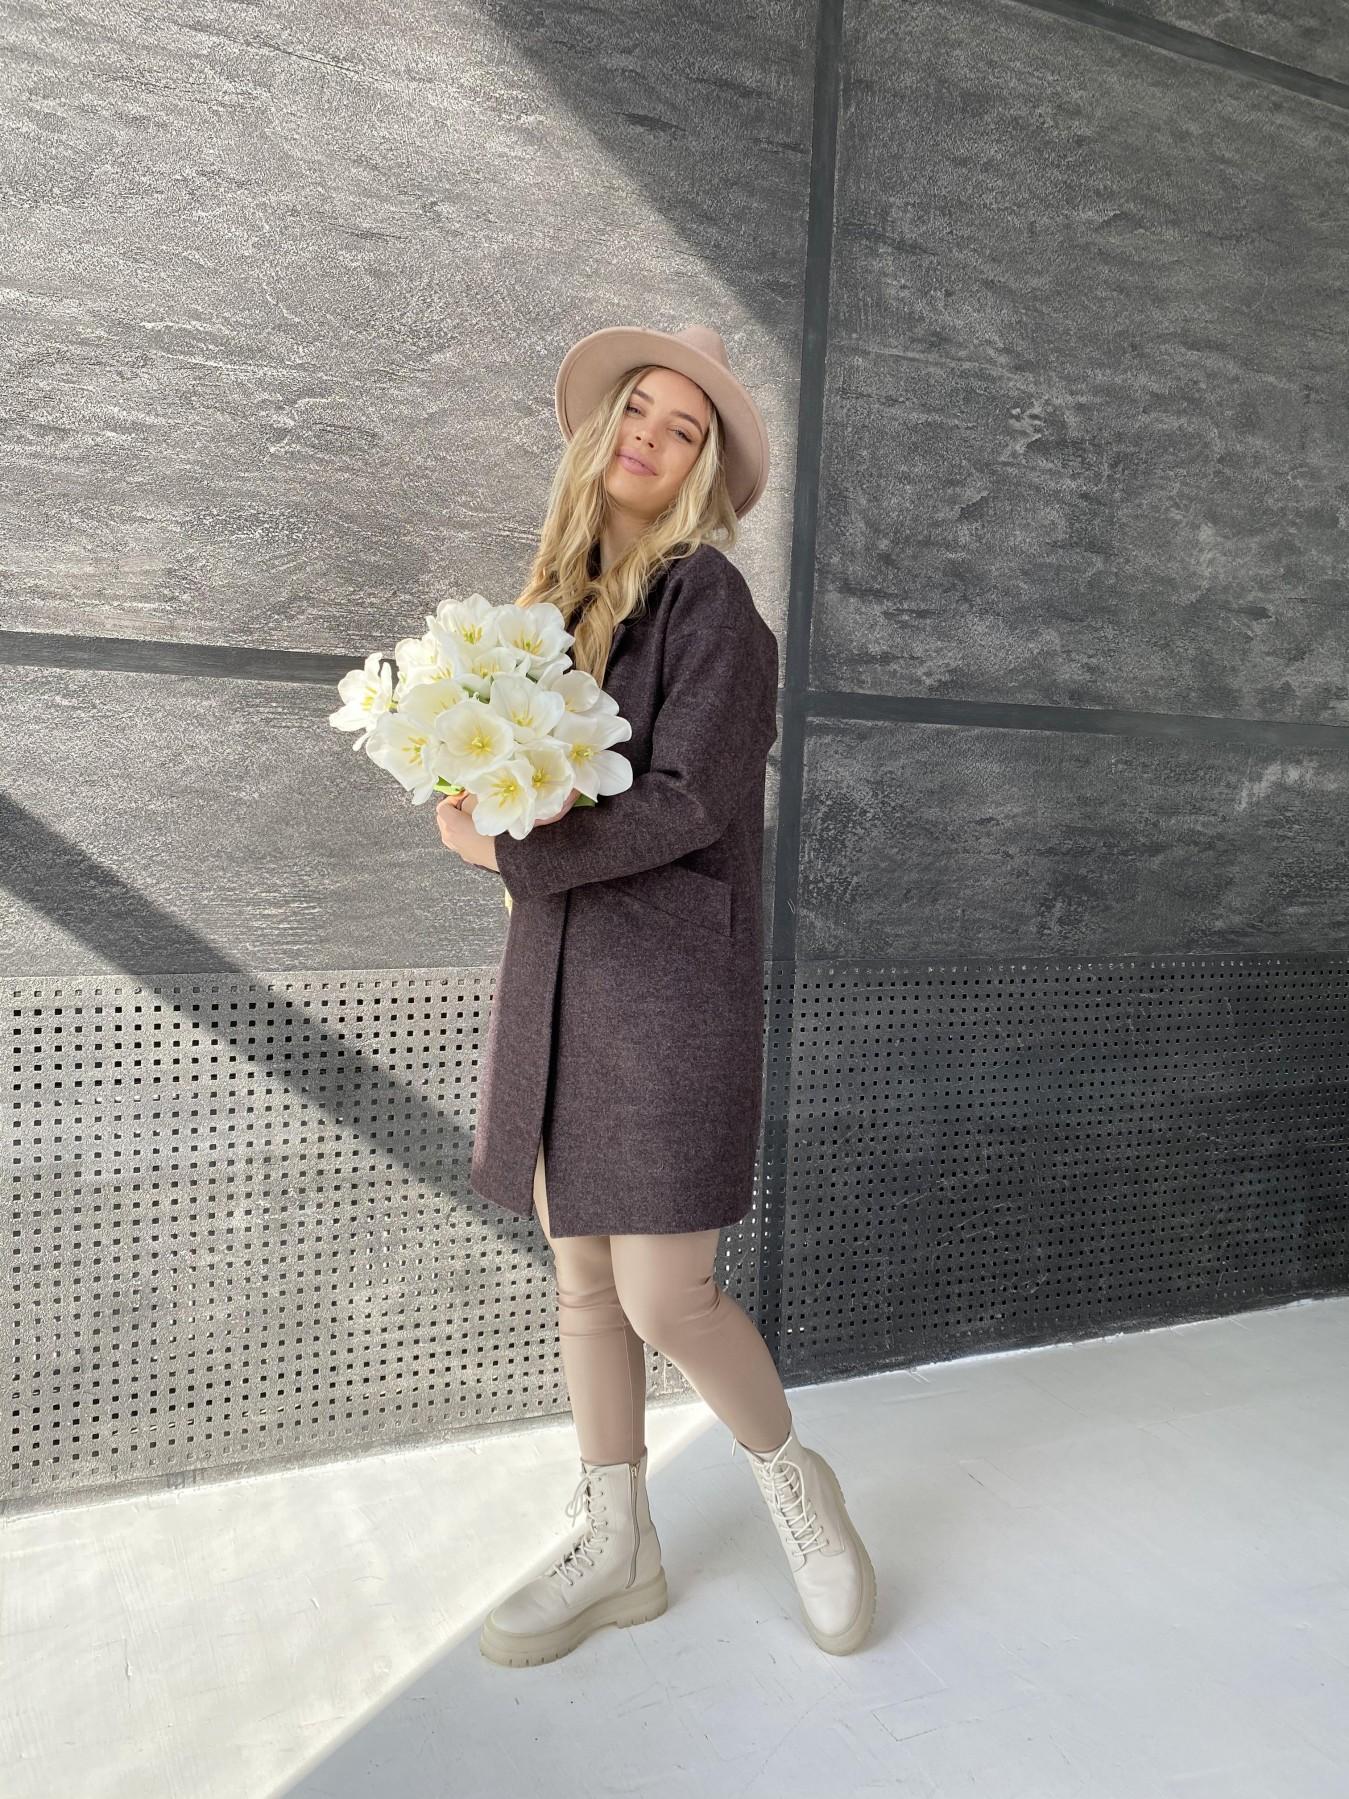 Сенсей пальто из кашемира меланж  10745 АРТ. 47227 Цвет: Марсала - фото 3, интернет магазин tm-modus.ru